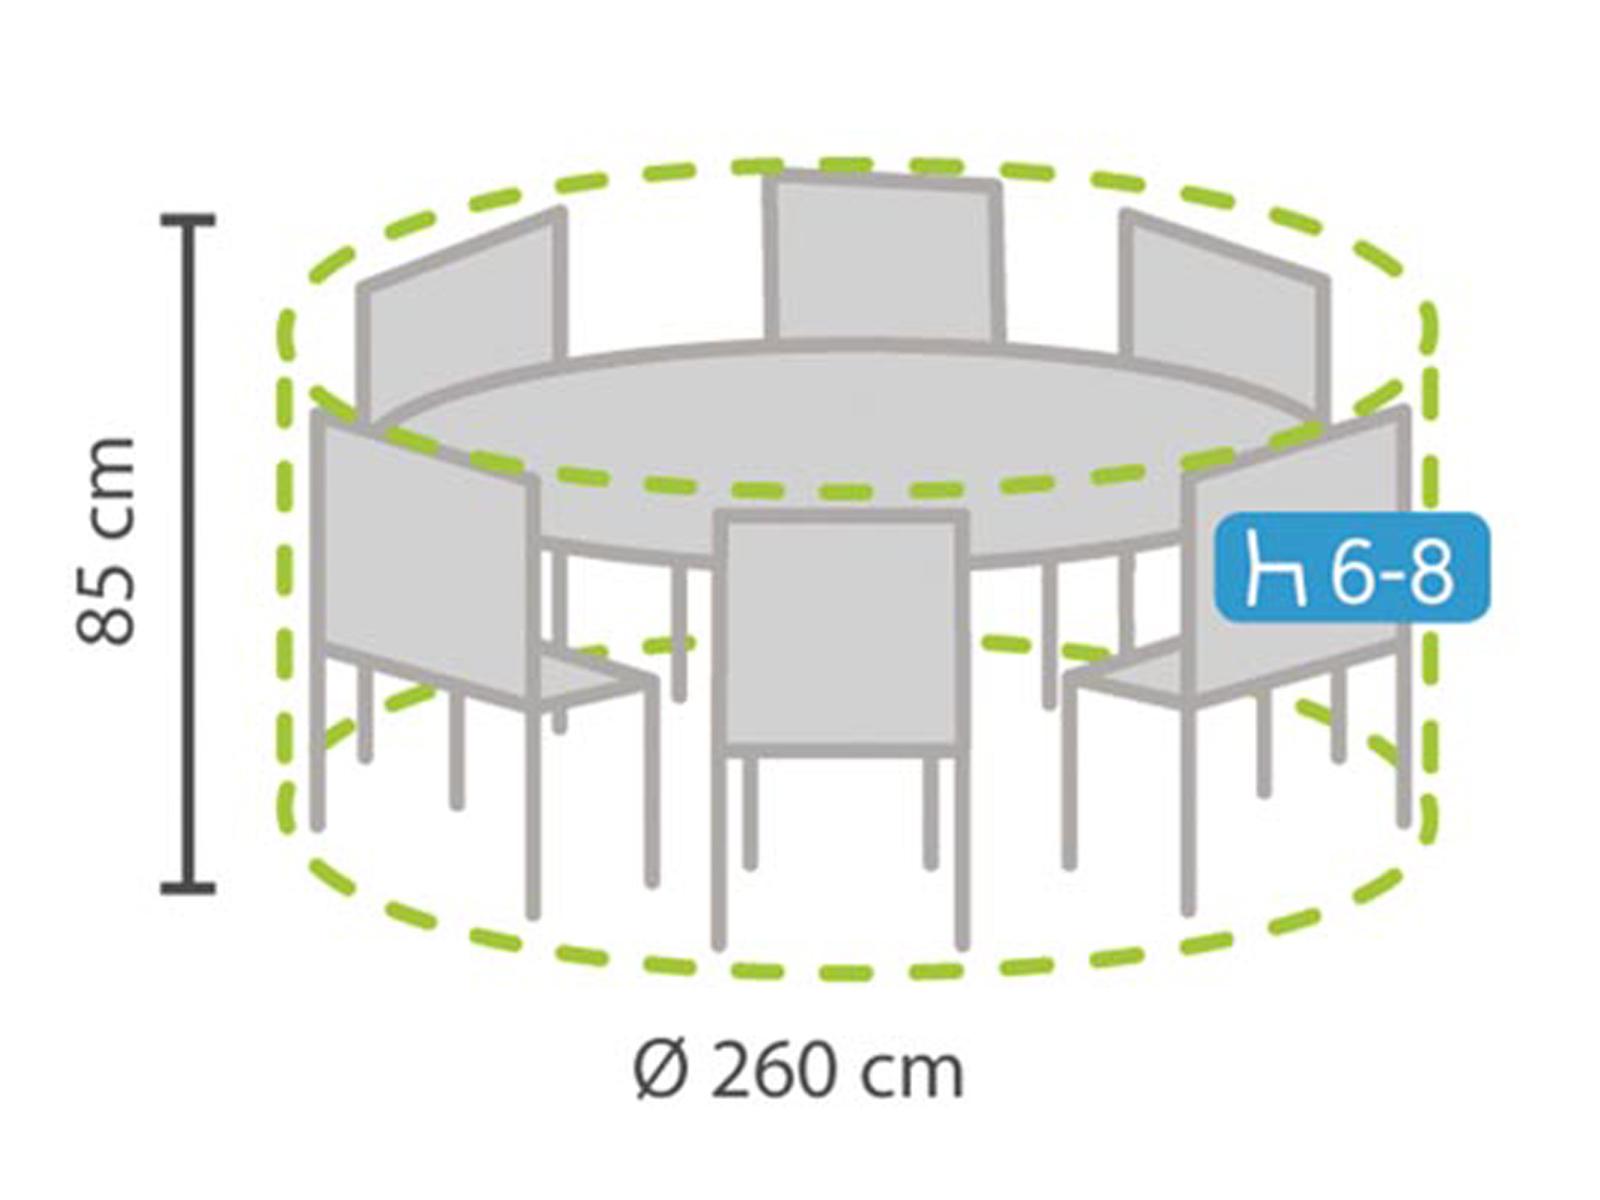 Das Bild Wird Geladen Schutzhuelle Plane Rund Fuer Gartenmoebel  260cm Witterungsbestaendige Abdeckung